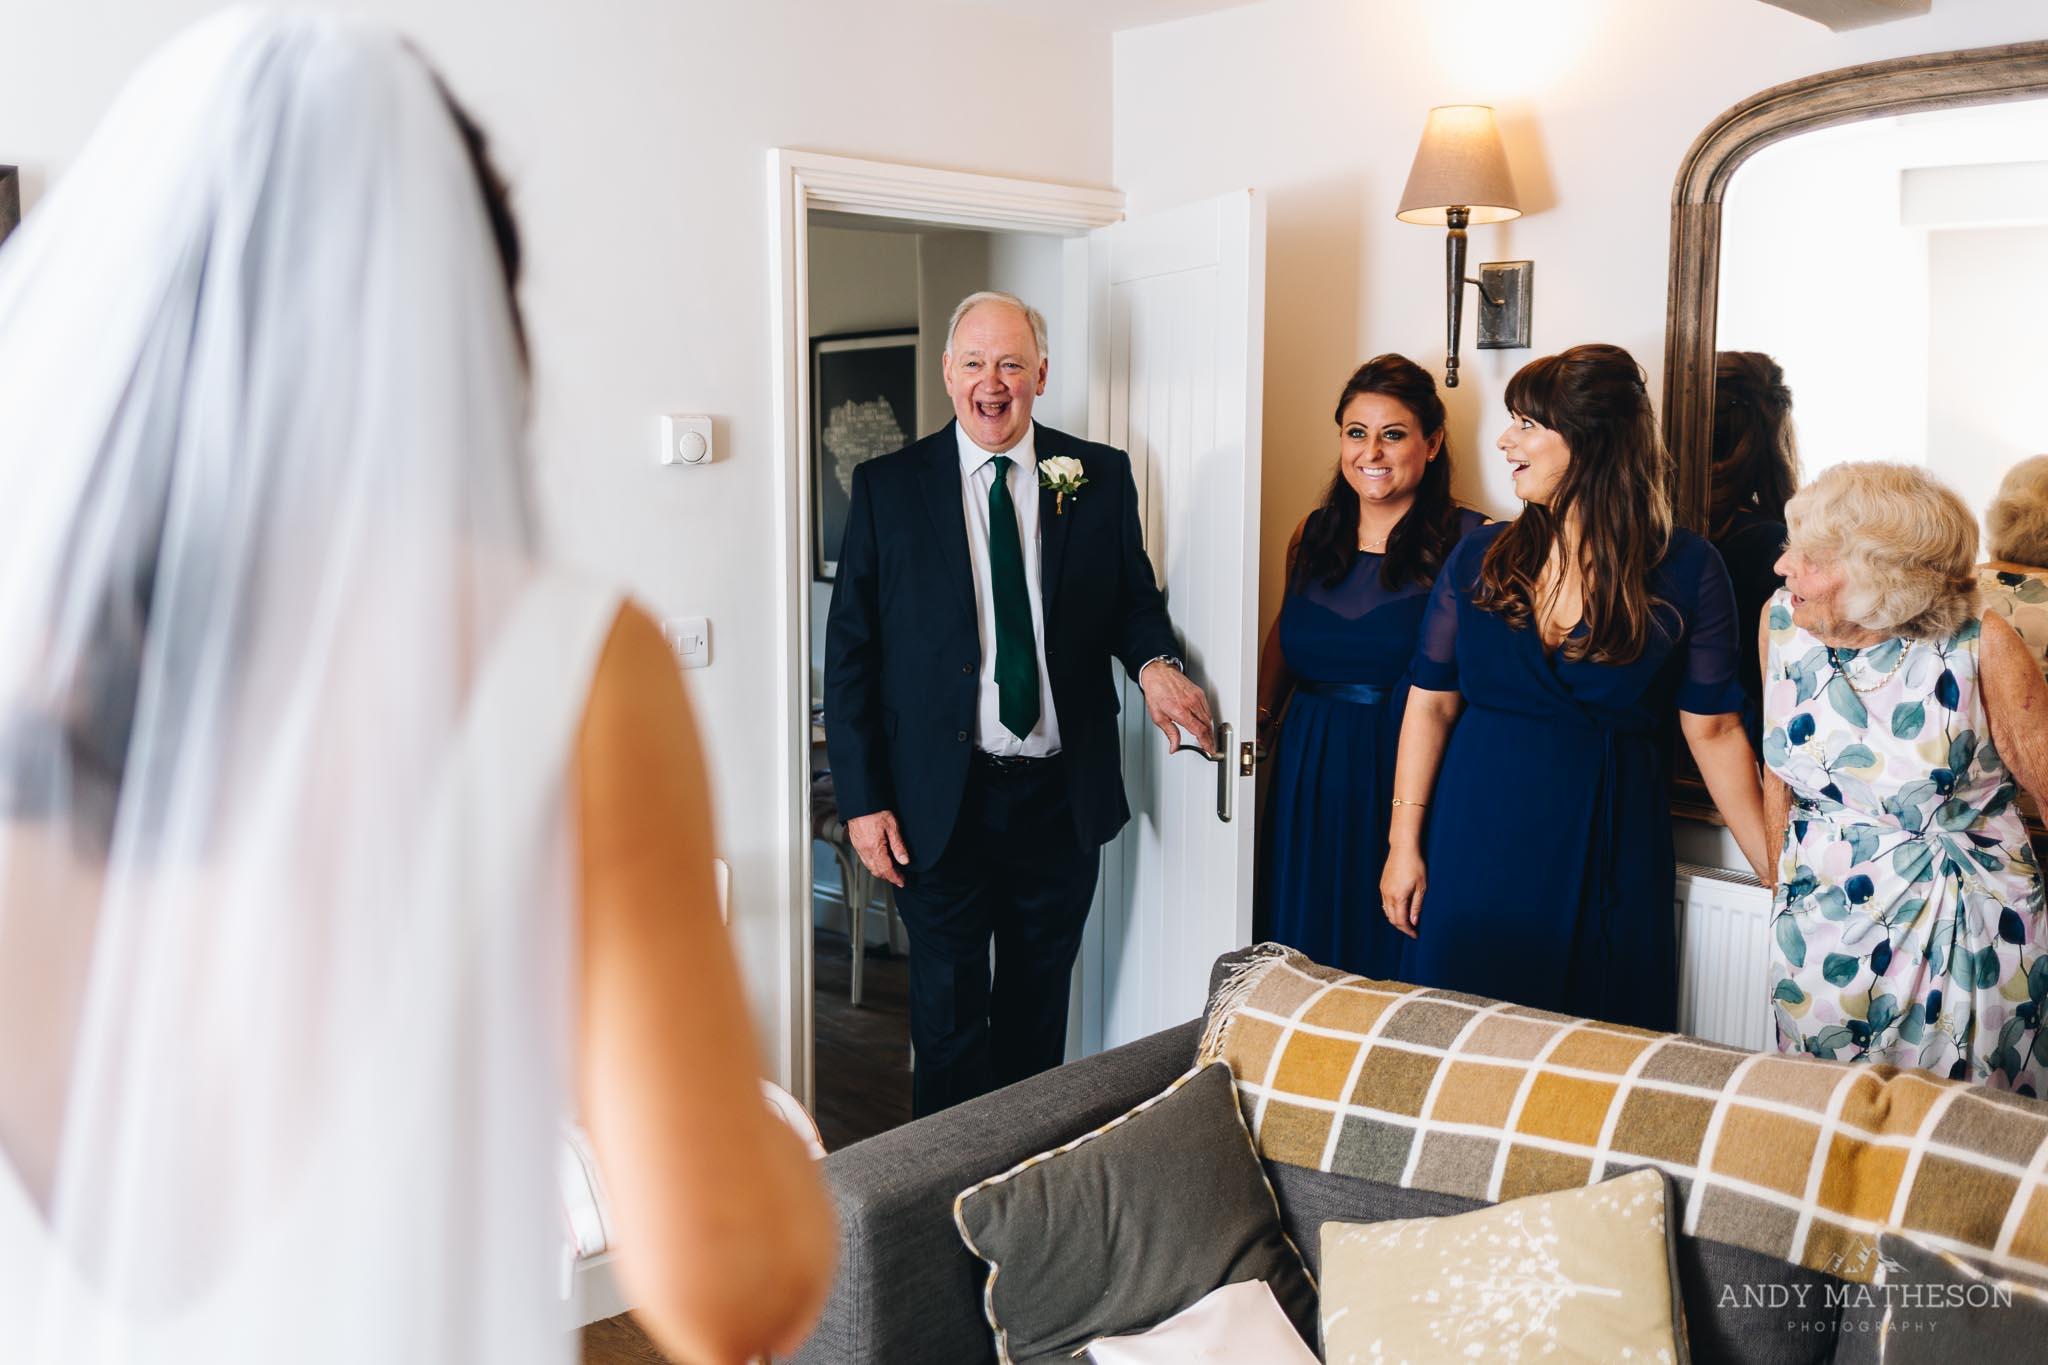 Tithe Barn Bolton Abbey Wedding Photographer_Andy Matheson_025.jpg